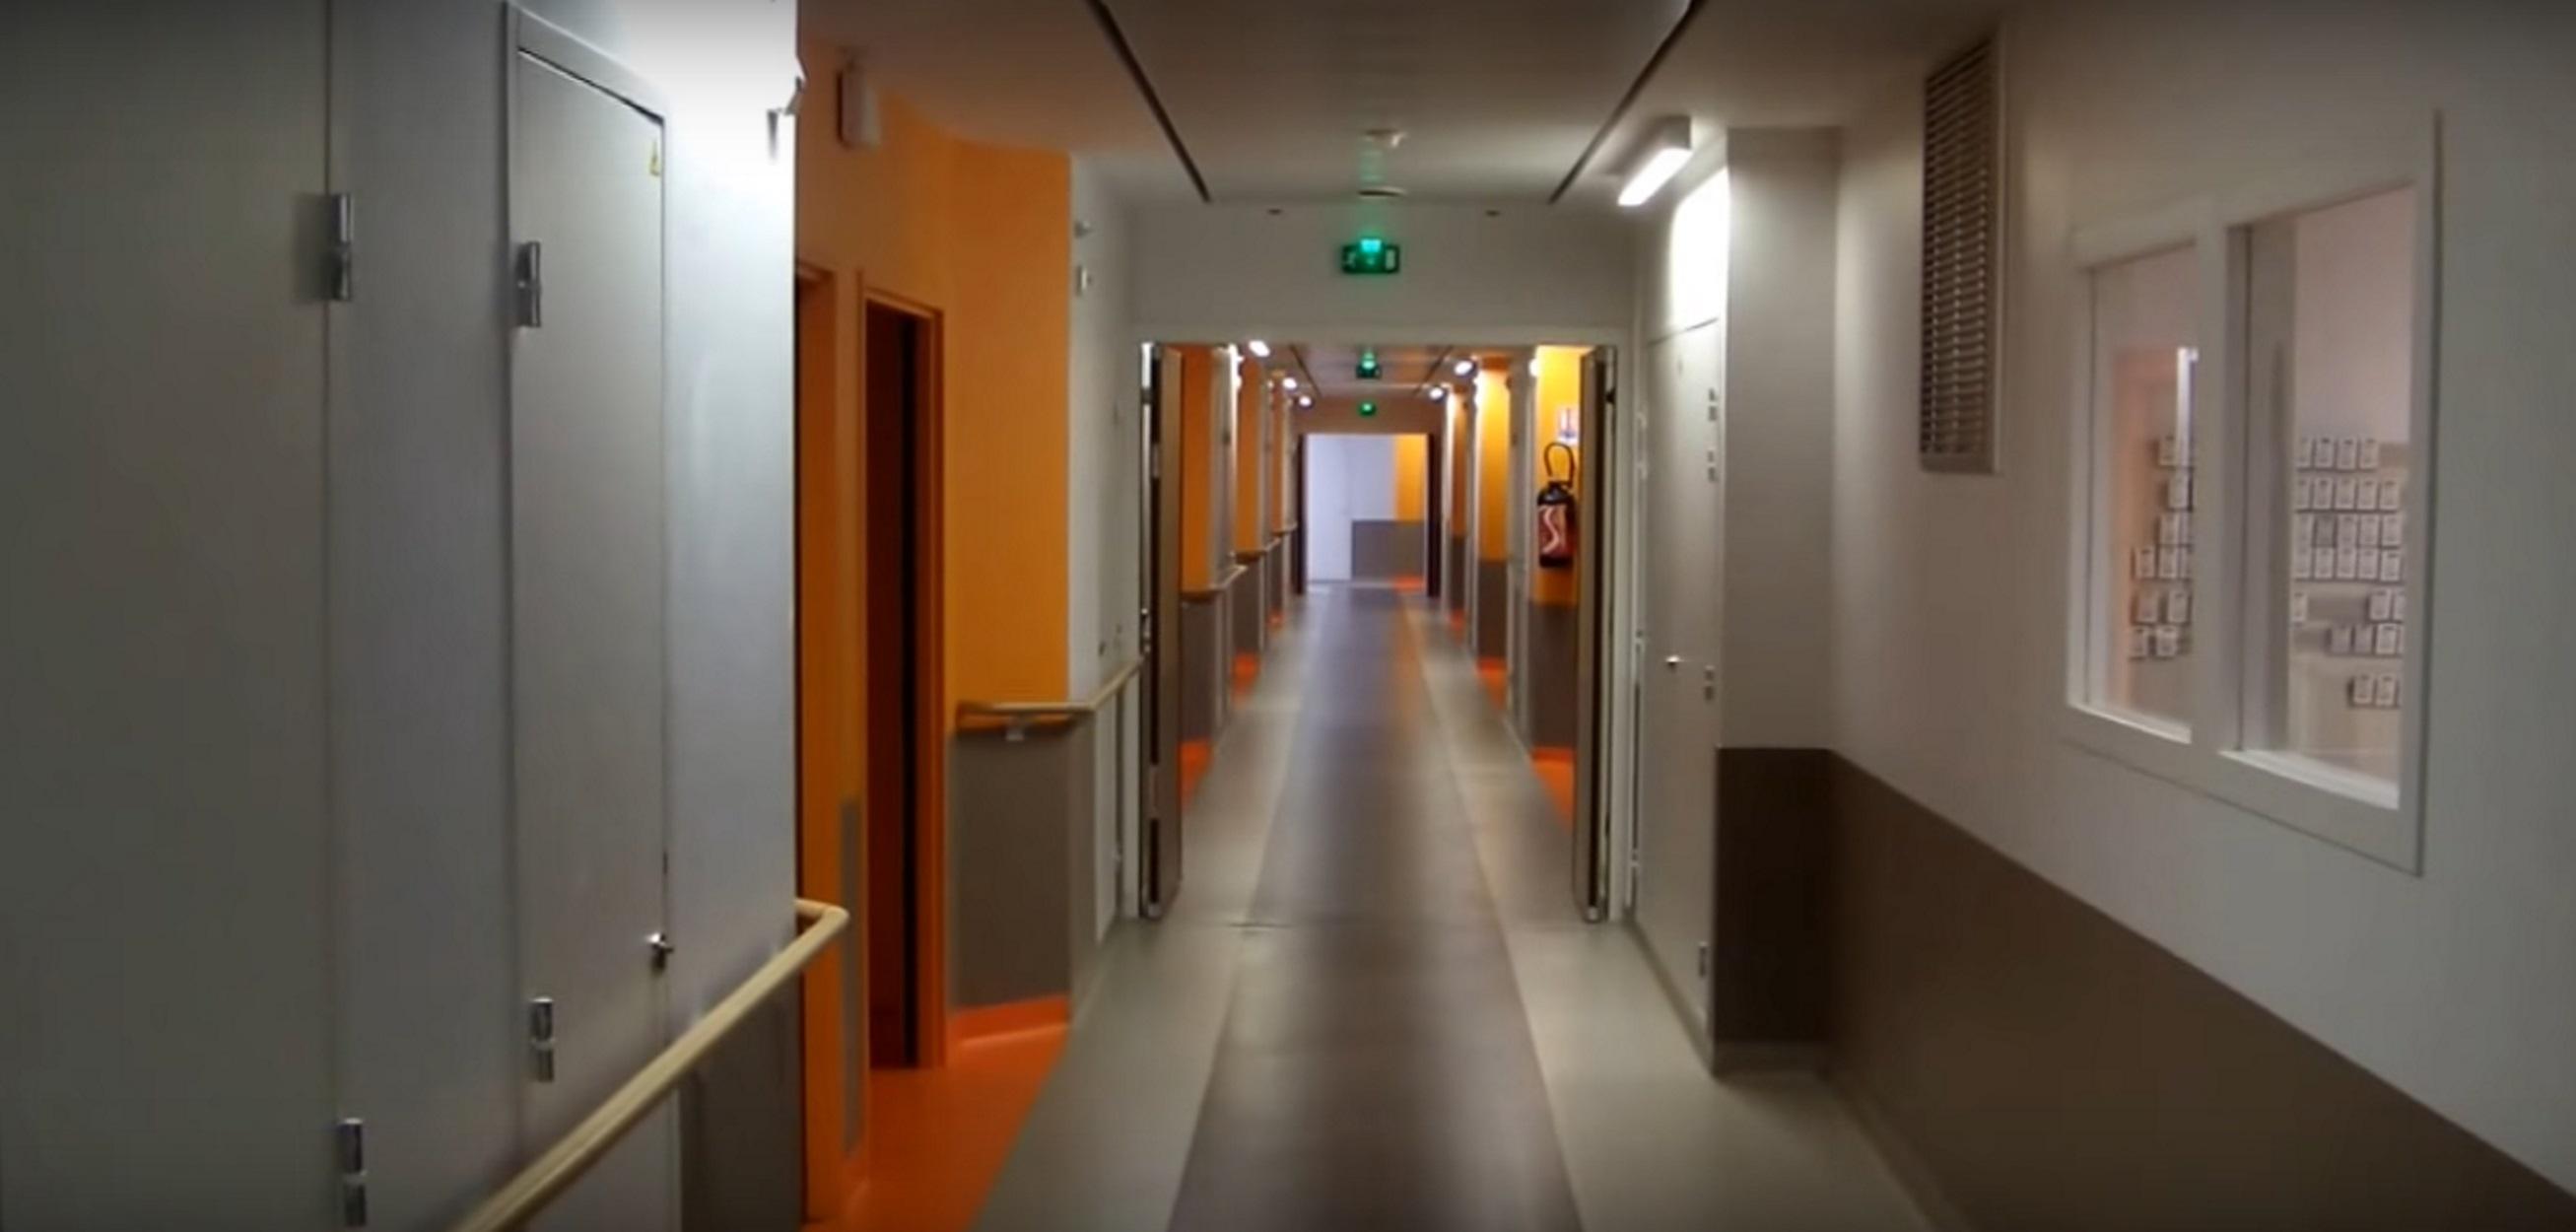 Γαλλία: Τραγικό φινάλε για ασθενή που είχε εξαφανιστεί μέσα σε νοσοκομείο – video